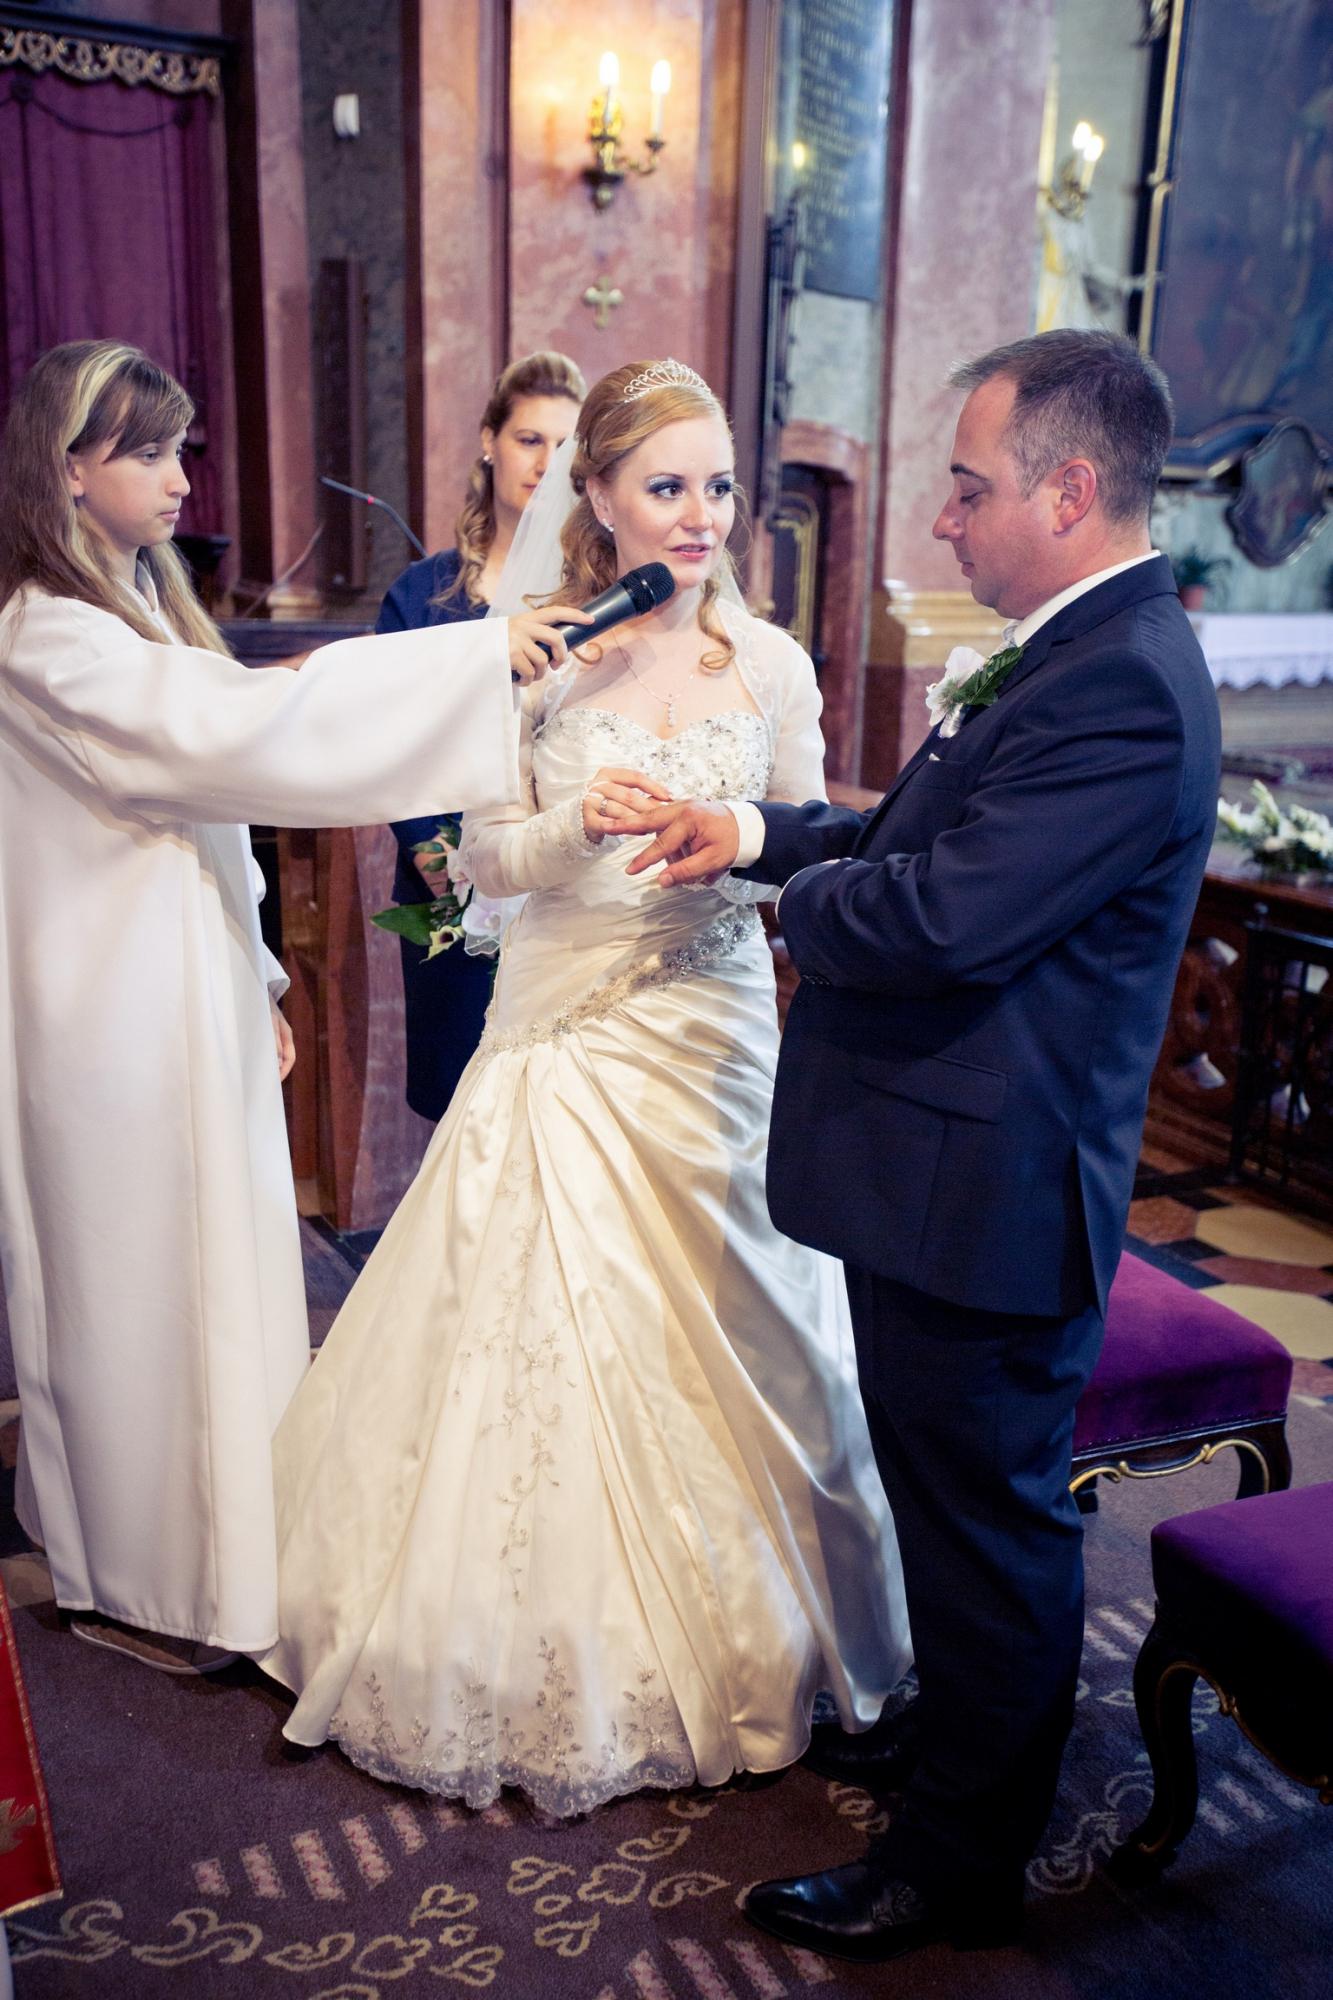 ee503c8f9d A templomi szertartás fotózásakor igyekszünk a lehető leghamarabb  elkészíteni a megfelelő képet a meghitt pillanatokról, mint például a papi  áldás, ...